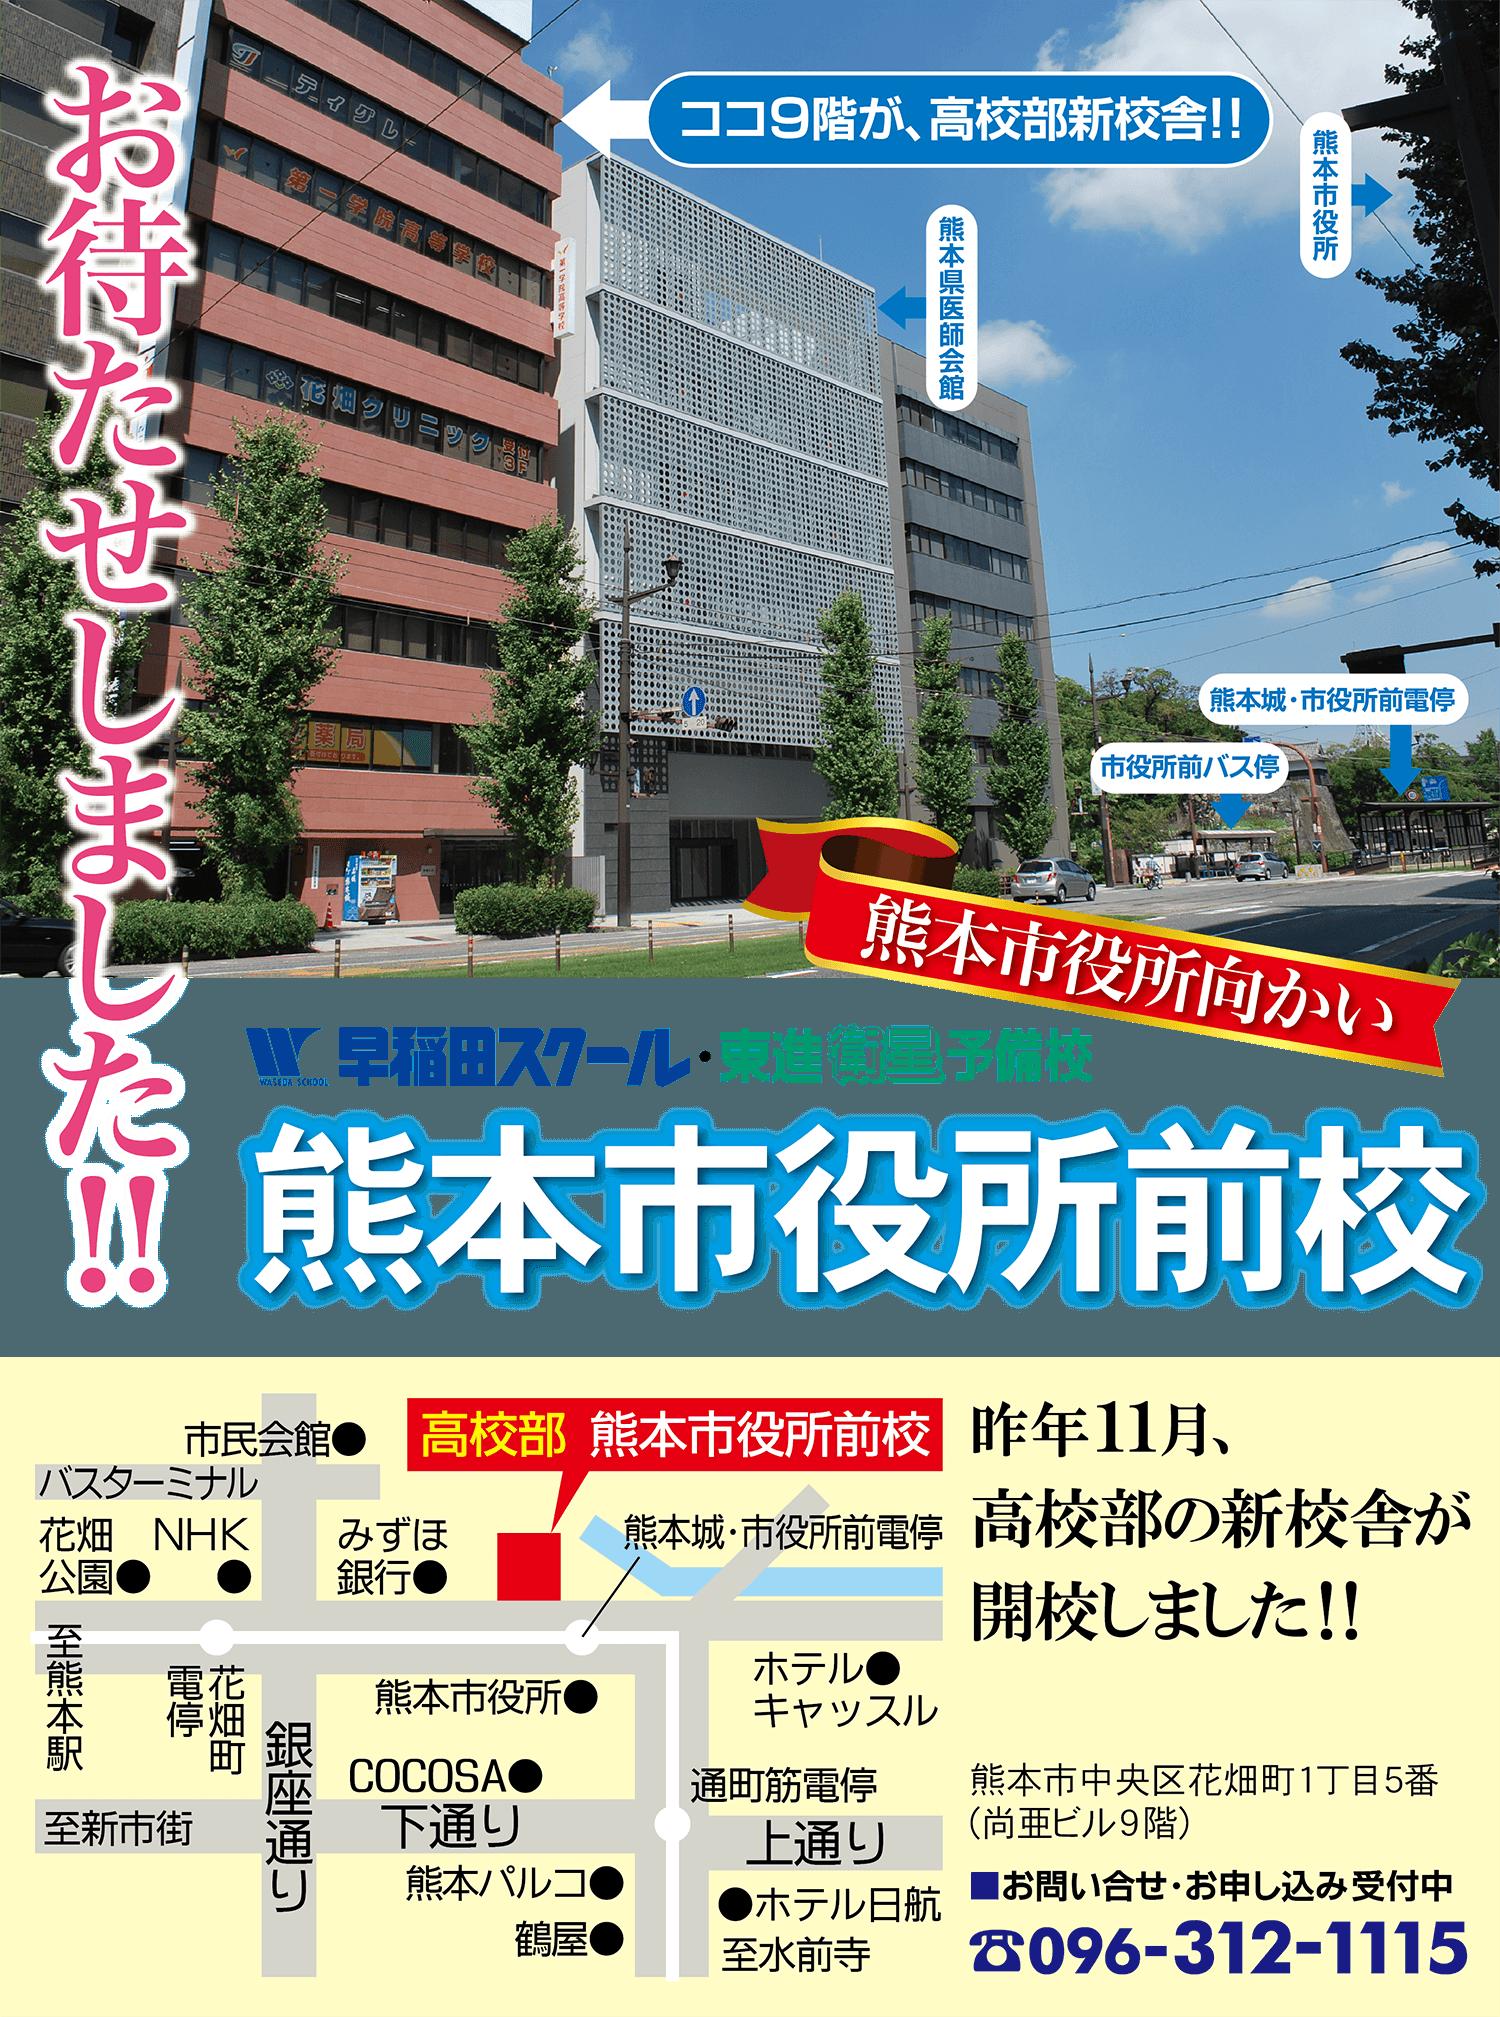 高校部『熊本市役所前校』開校!